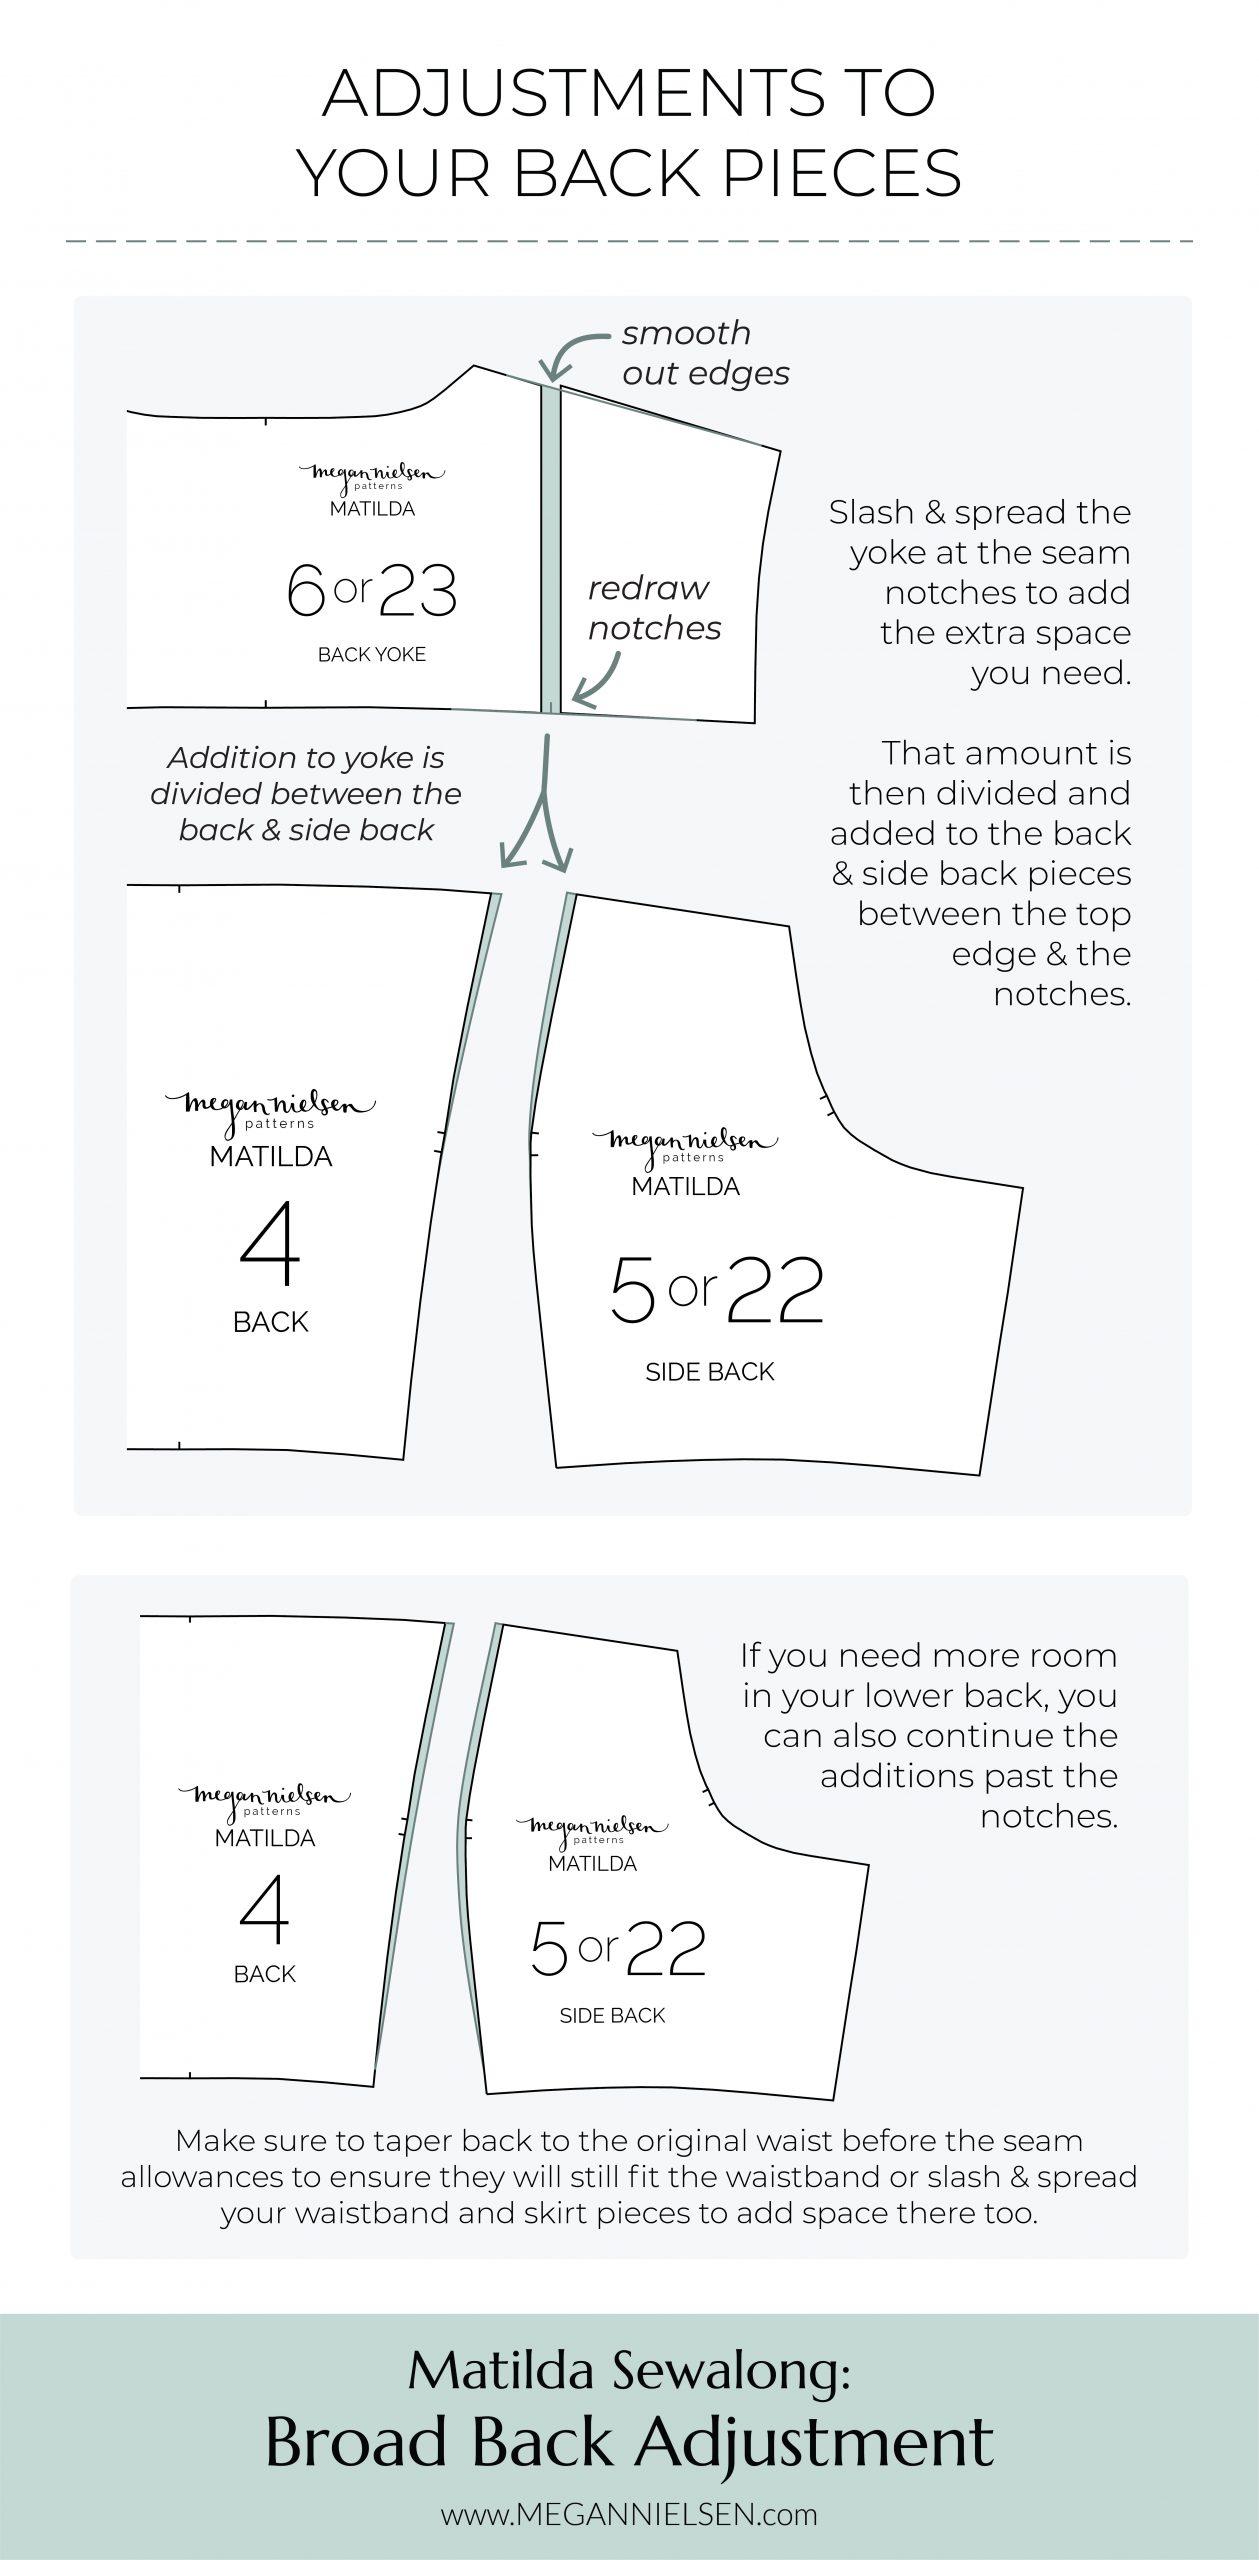 Megan Nielsen Patterns | Matilda Sewalong: Broad Back Adjustment | Adjustments To Your Back Pieces